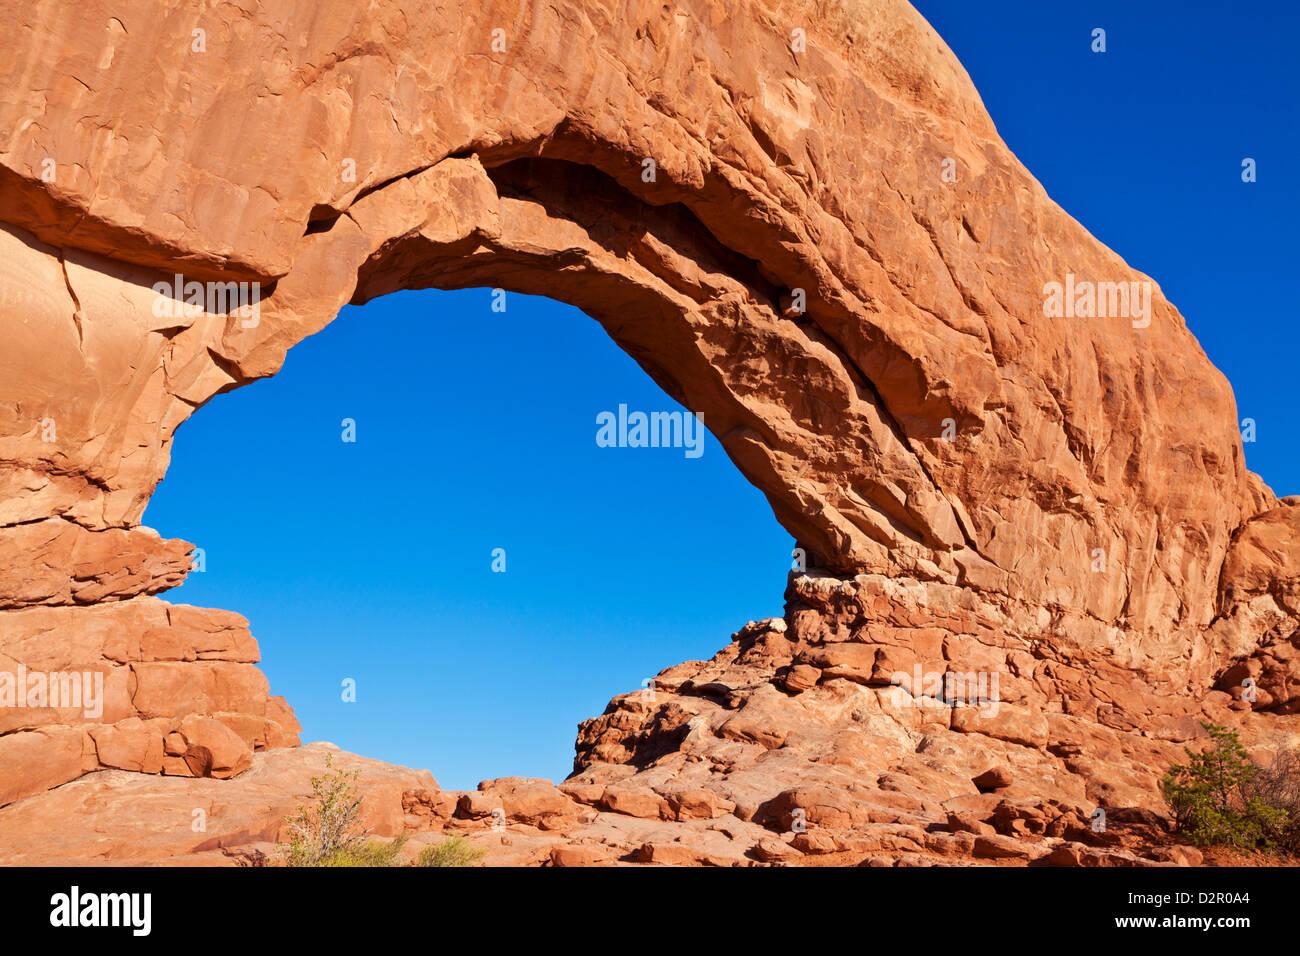 Norden Fensterbogen, Arches-Nationalpark in der Nähe von Moab, Utah, Vereinigte Staaten von Amerika, Nordamerika Stockbild